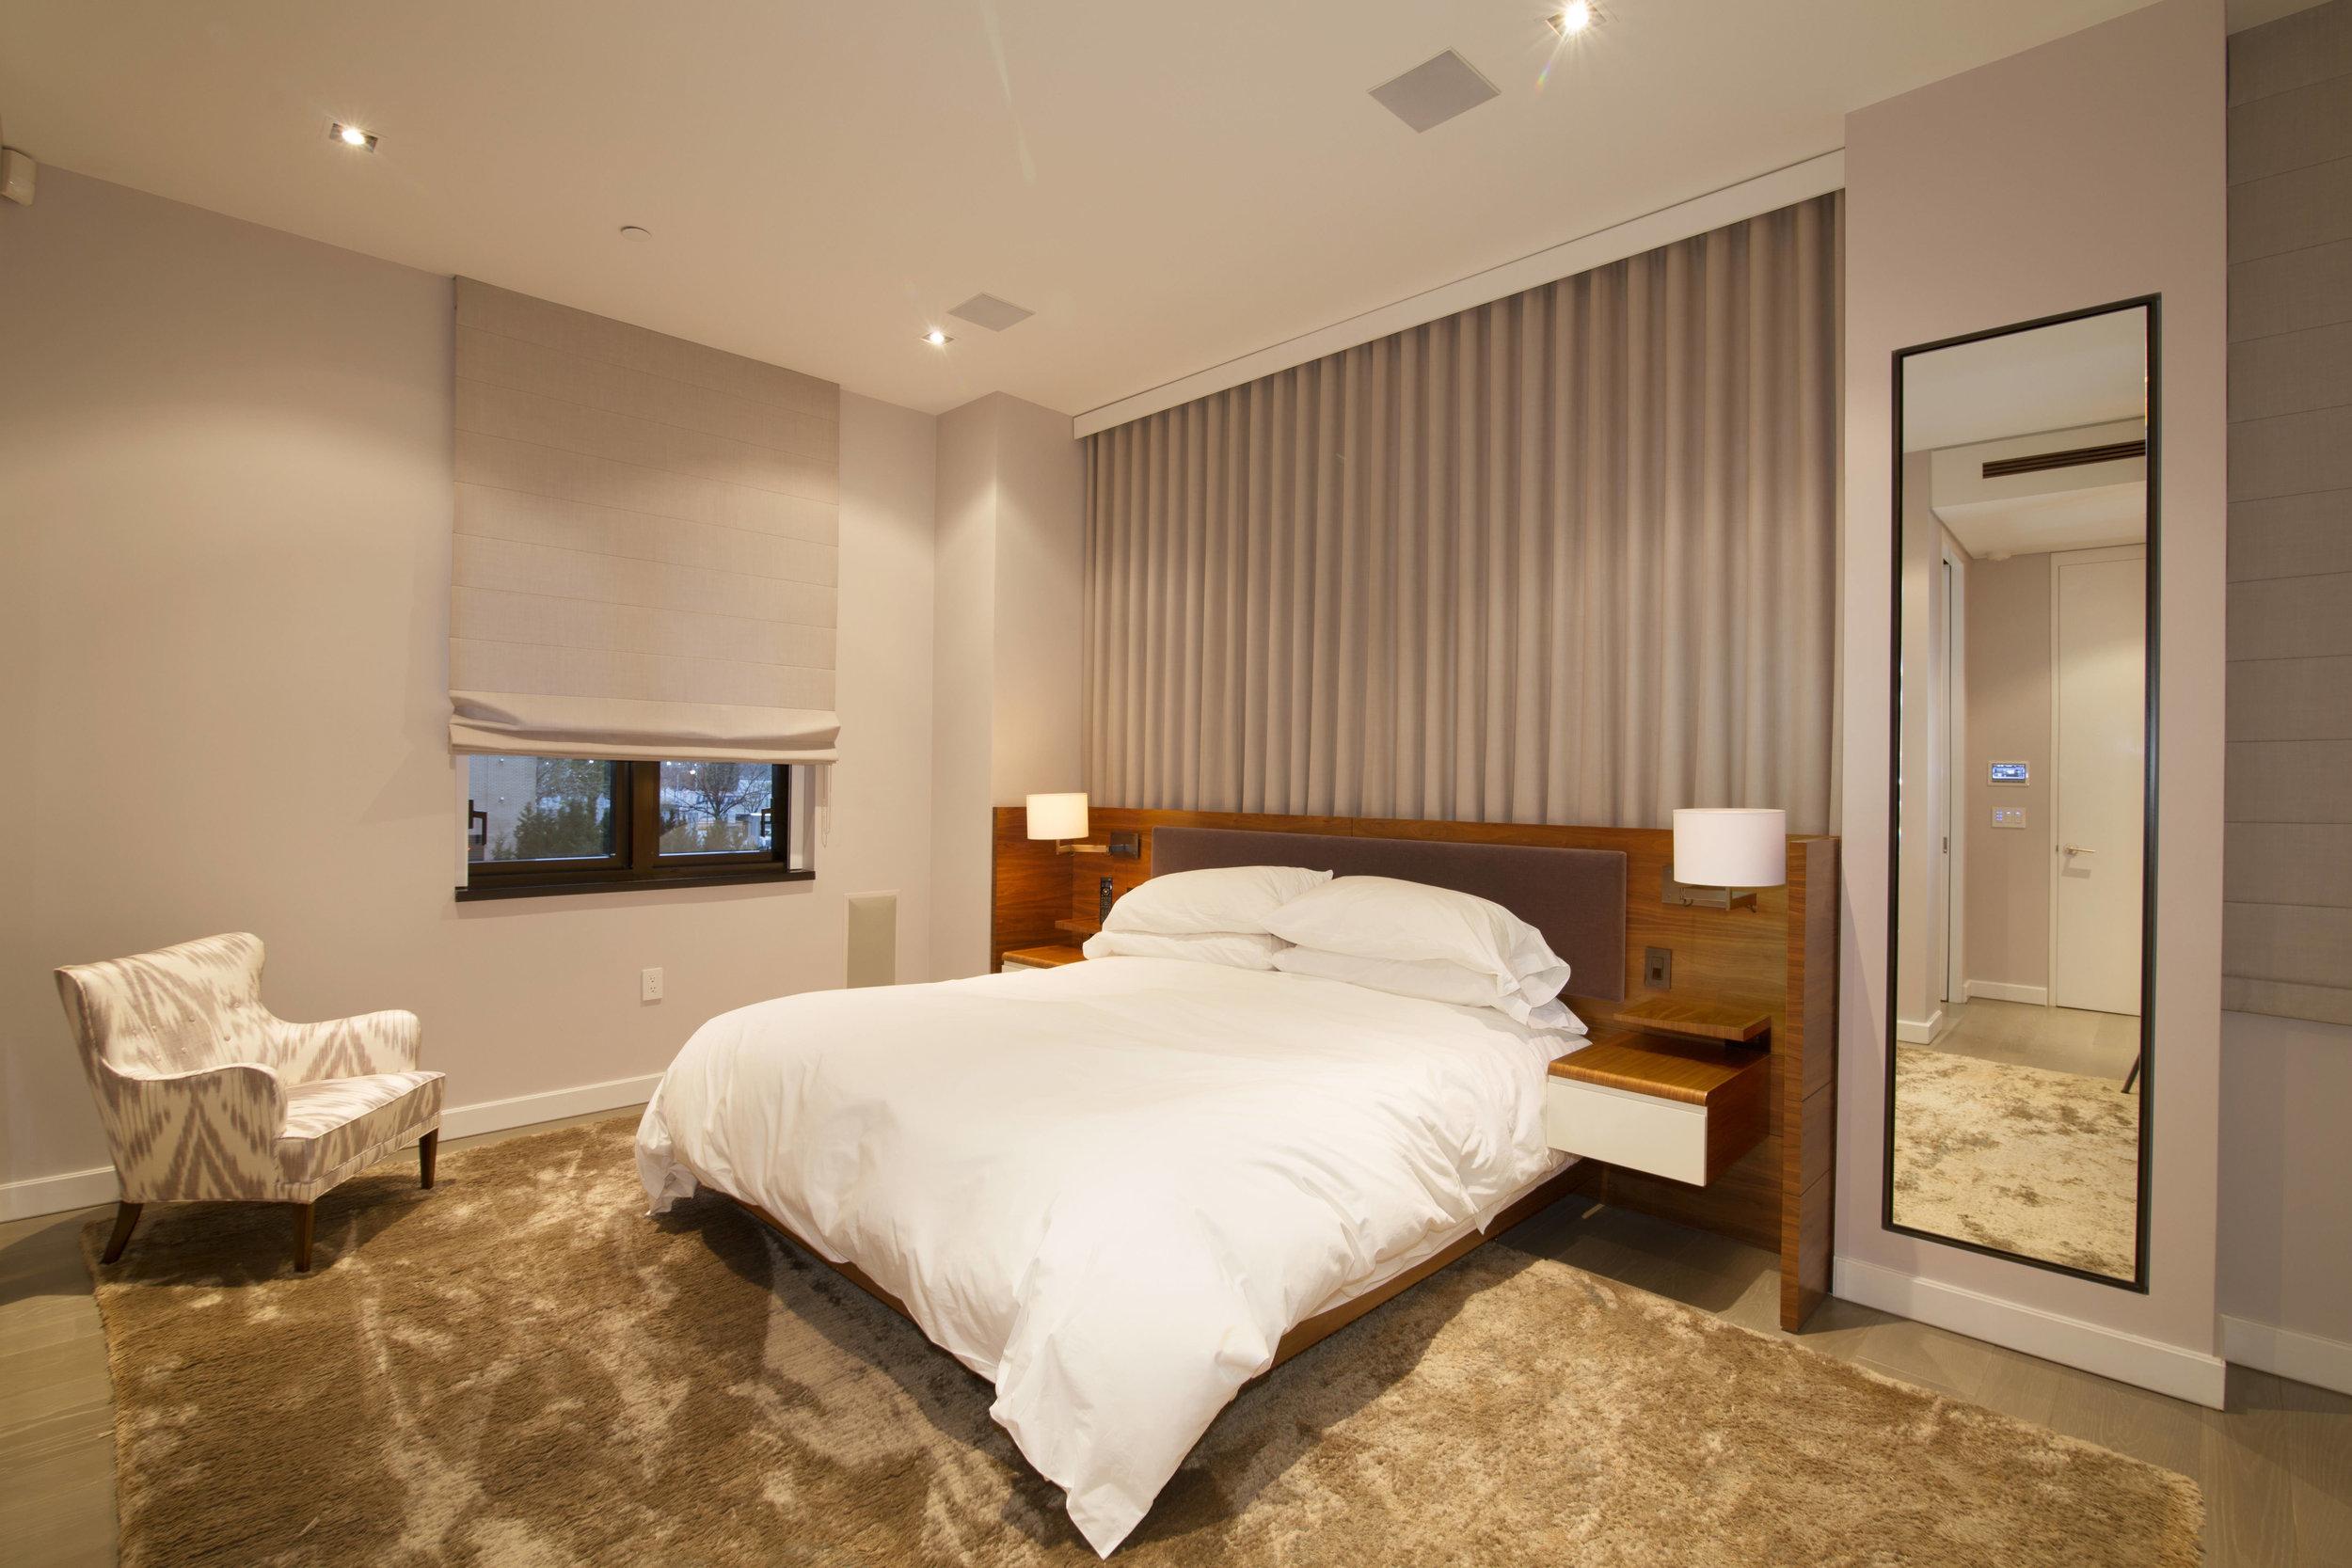 Bedroom shades up.jpg